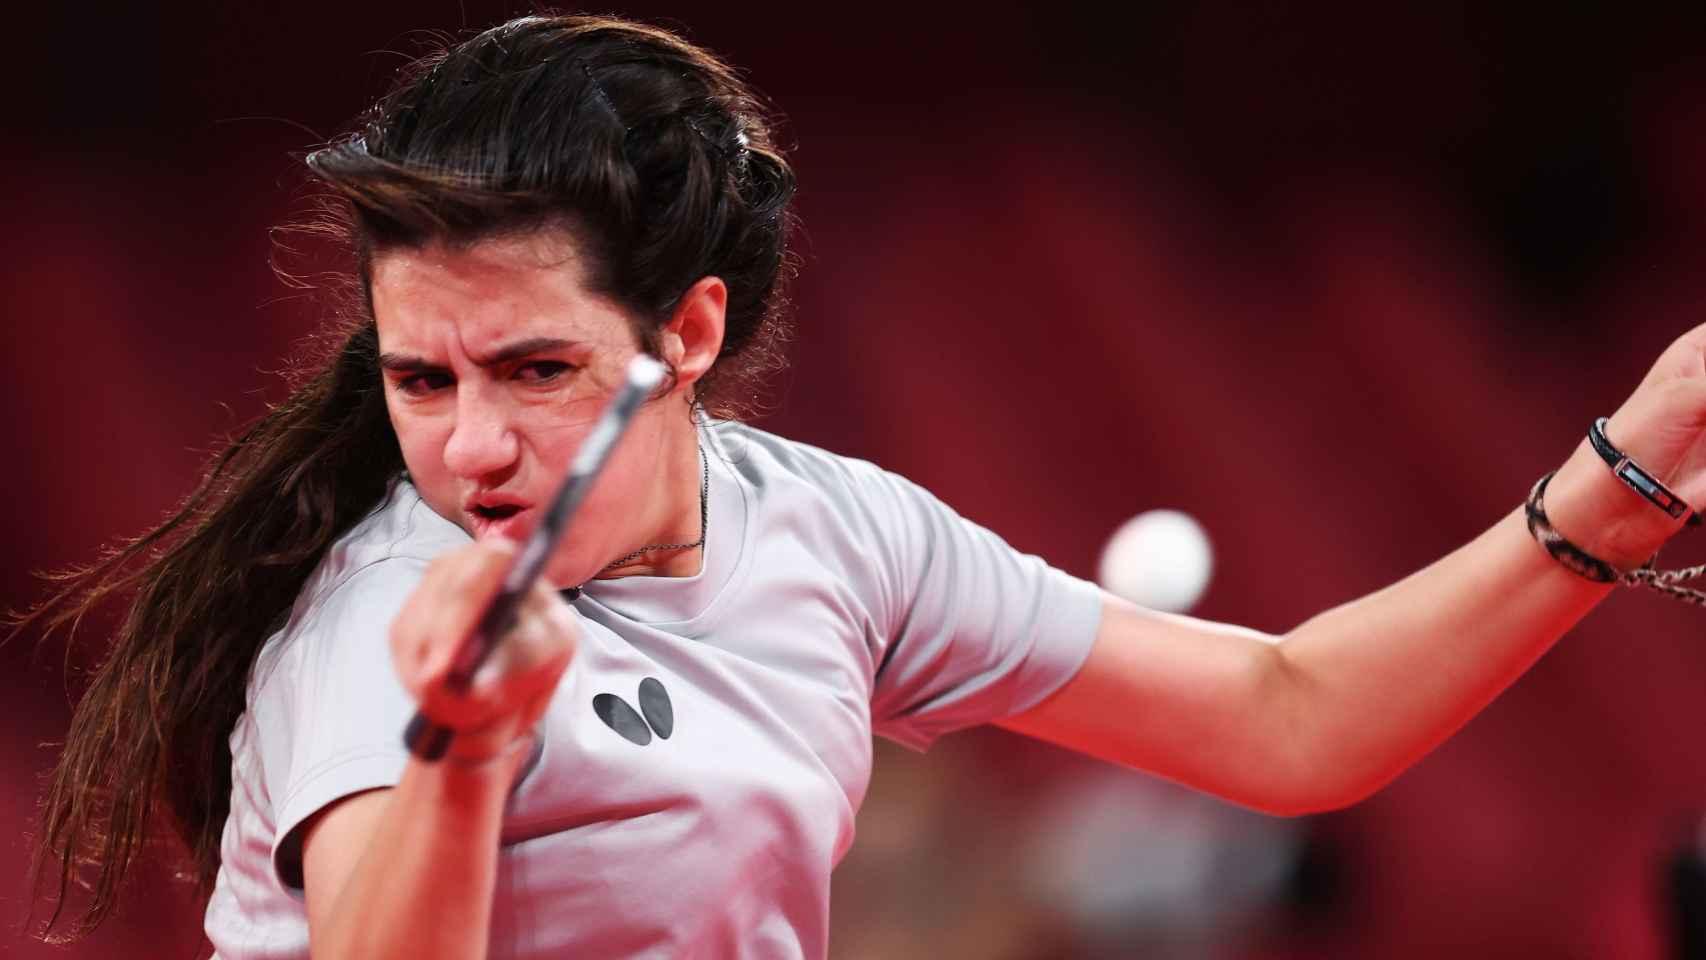 Hend Zaza, la jugadora de tenis de mesa de tan solo 12 años